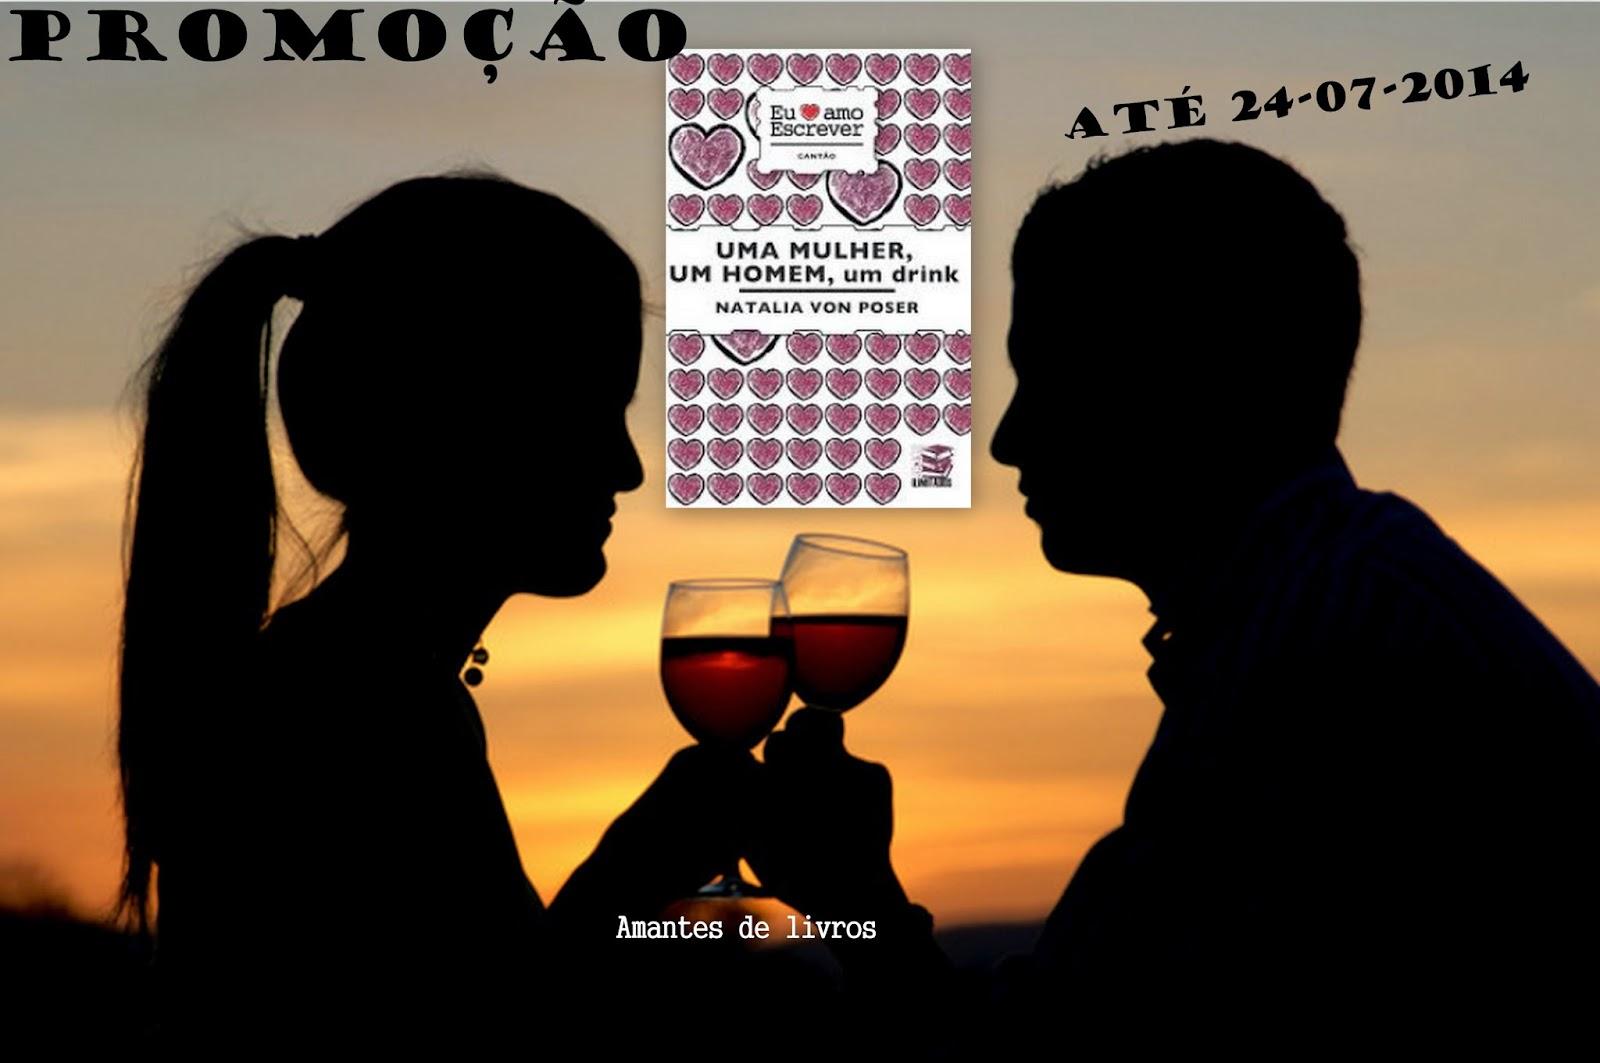 http://amantesdelivros-2012.blogspot.com.br/2014/06/resenha-uma-mulher-um-homem-um-drink.html